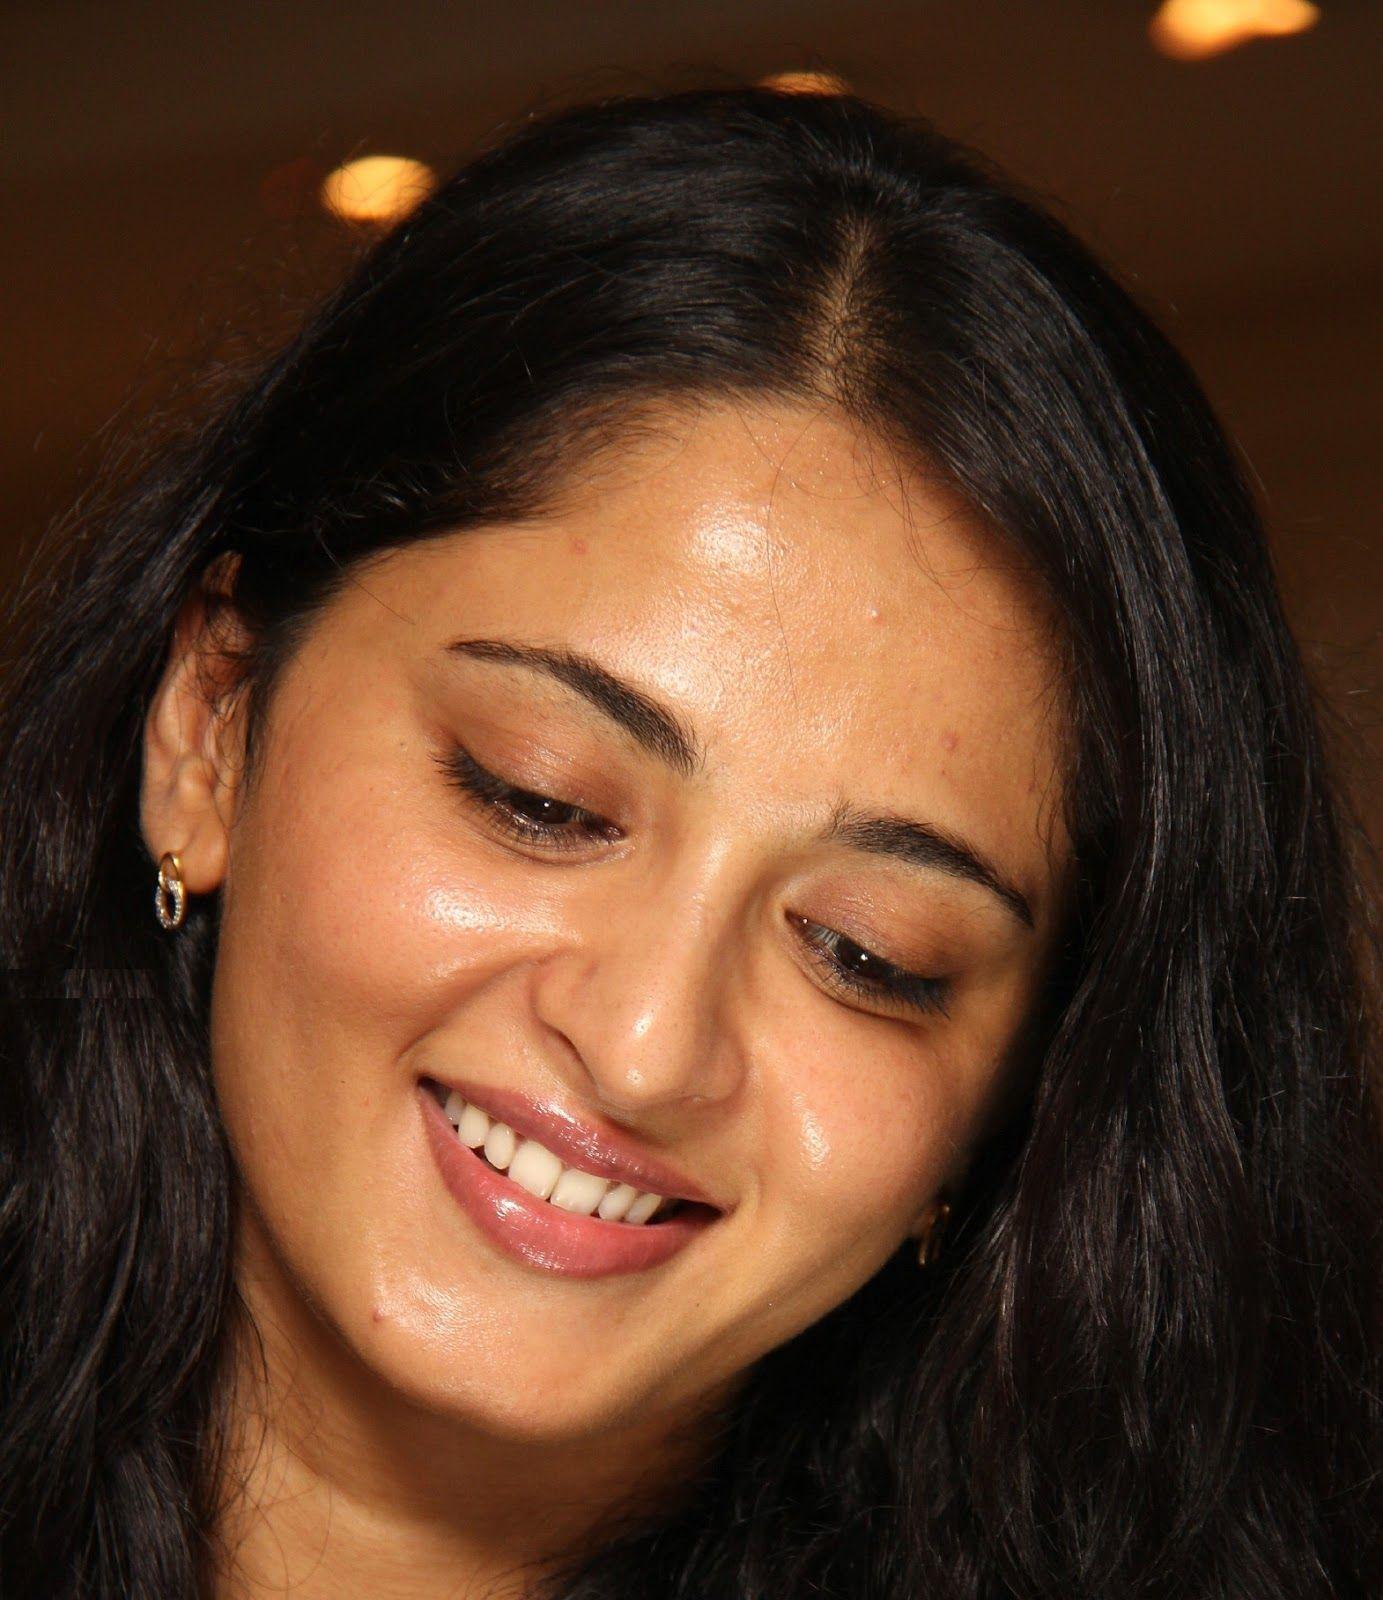 Glamorous Indian Model Anushka Shetty Hot Looks Face